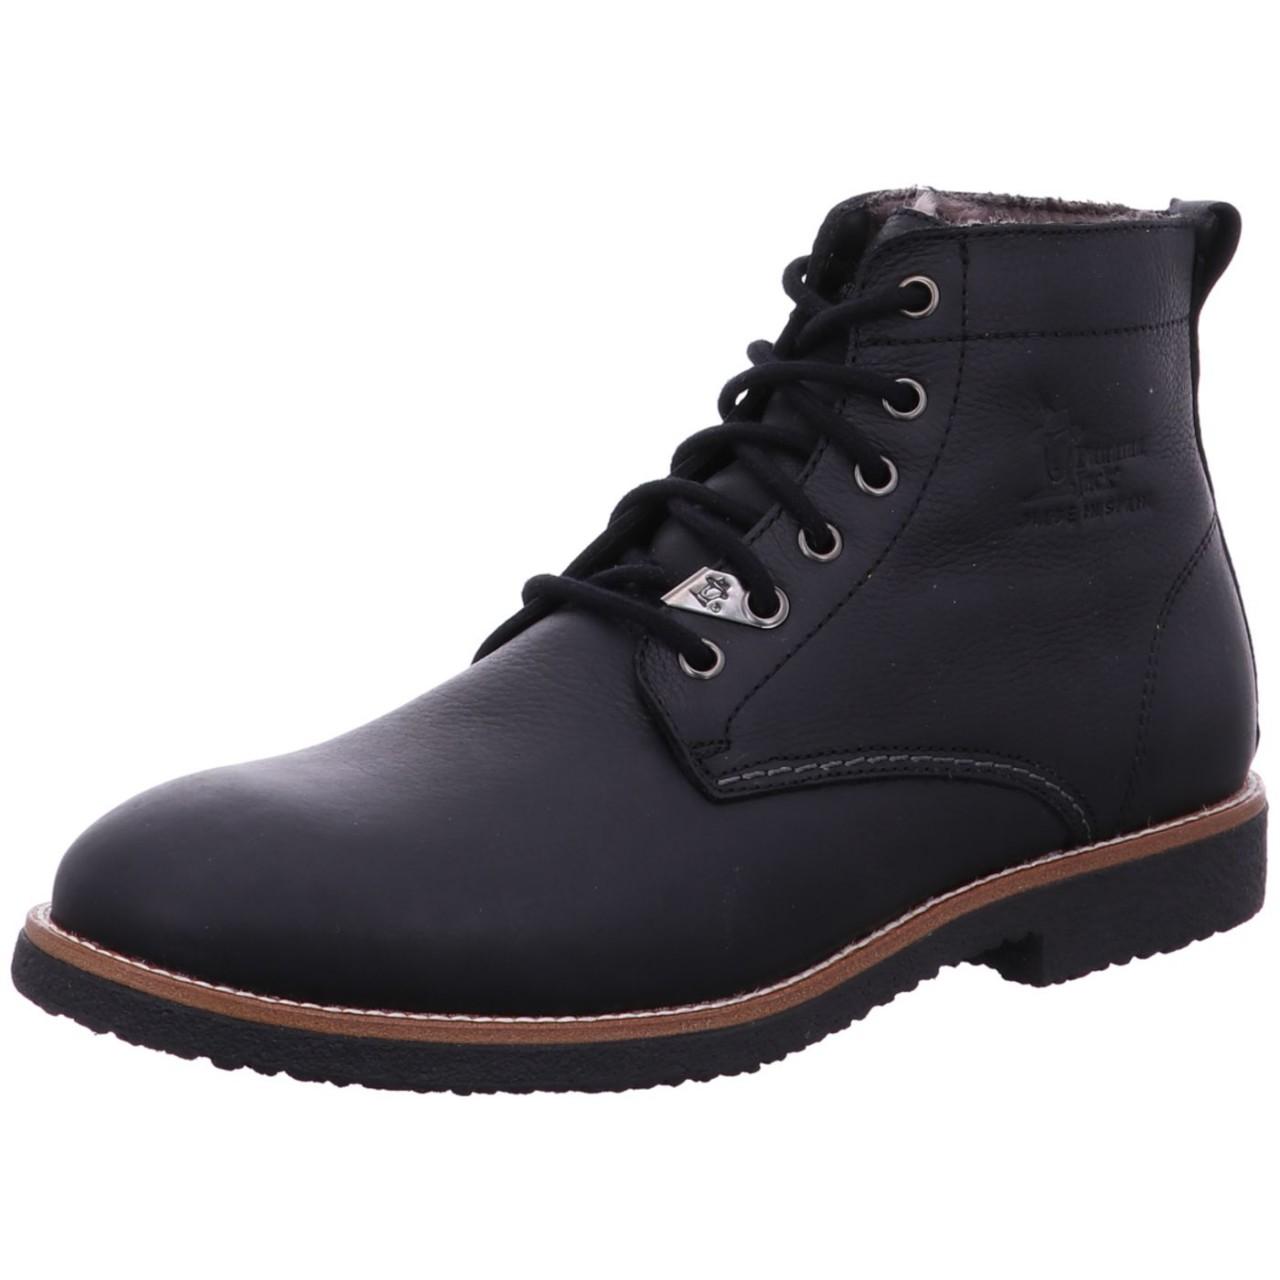 Panama Jack Boot Glasgow Igloo Schwarz Glasgow Igloo C3 black